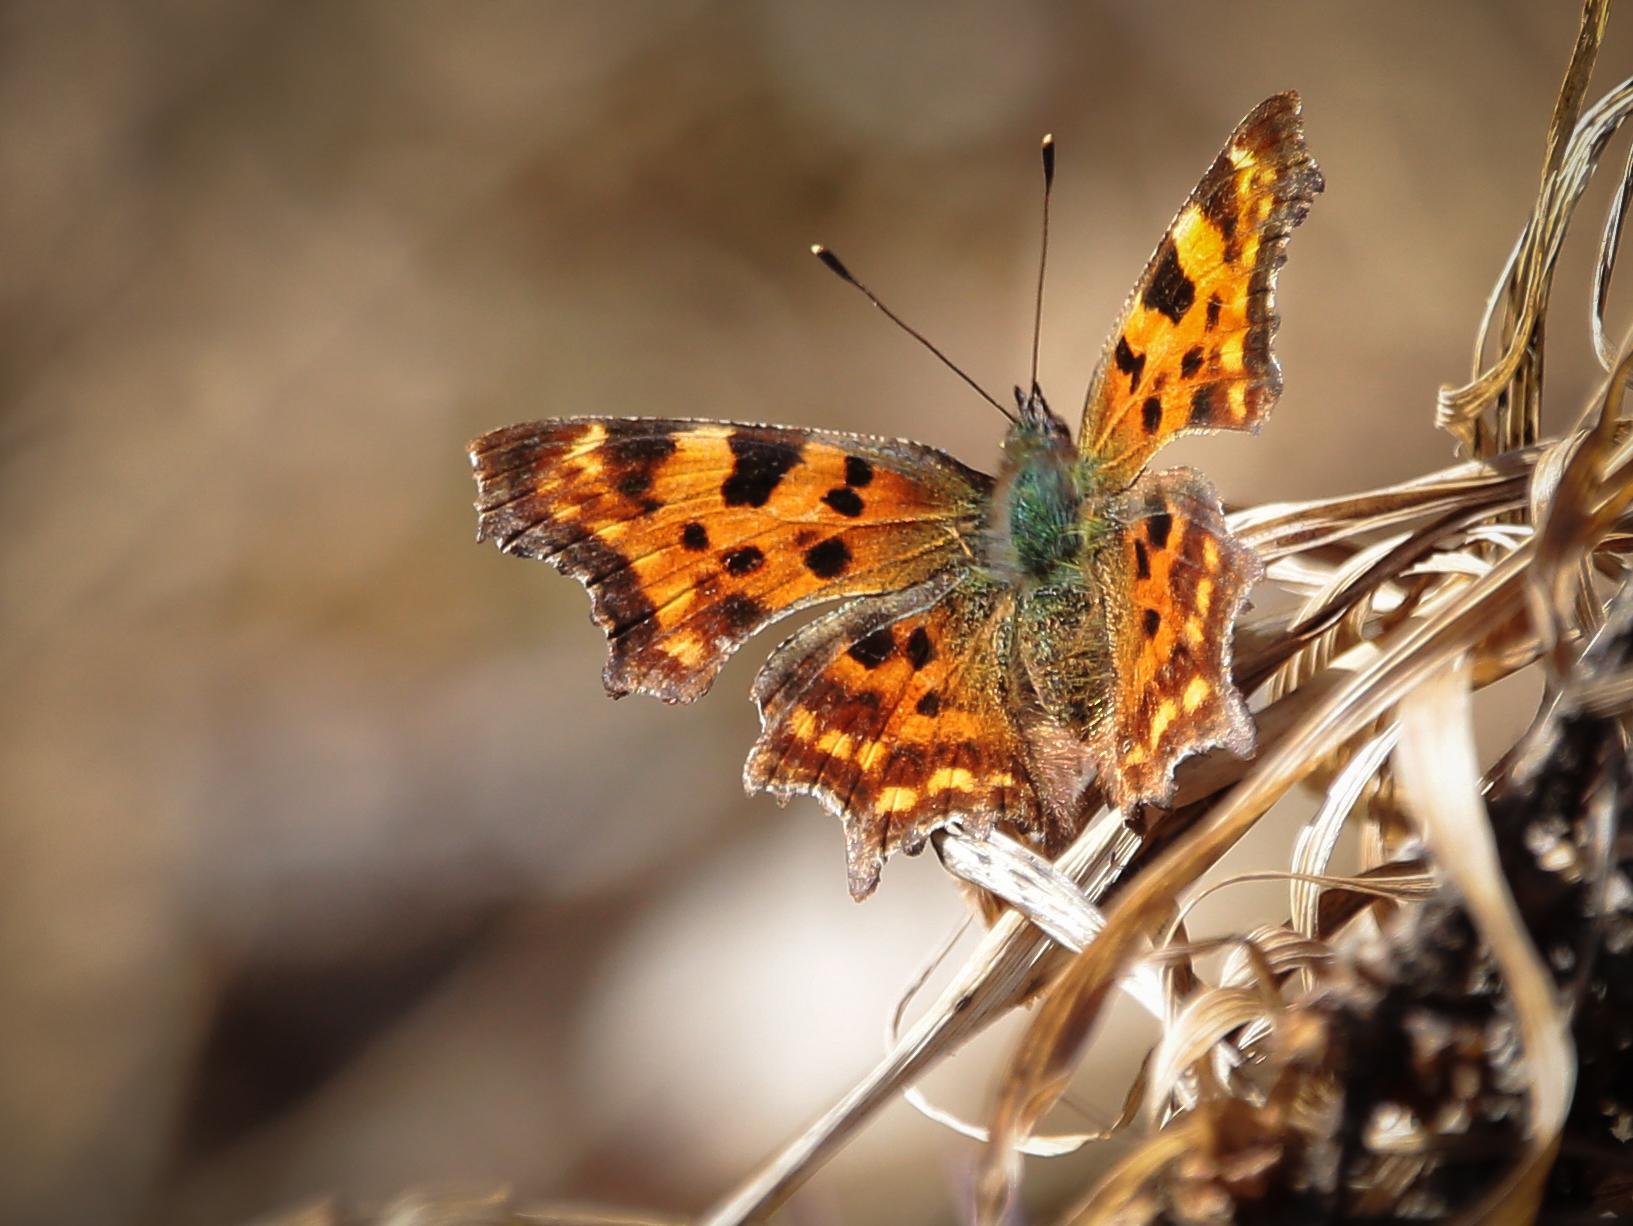 Ленточник Камилла и боярышницы: москвичам рассказали о столичных бабочках